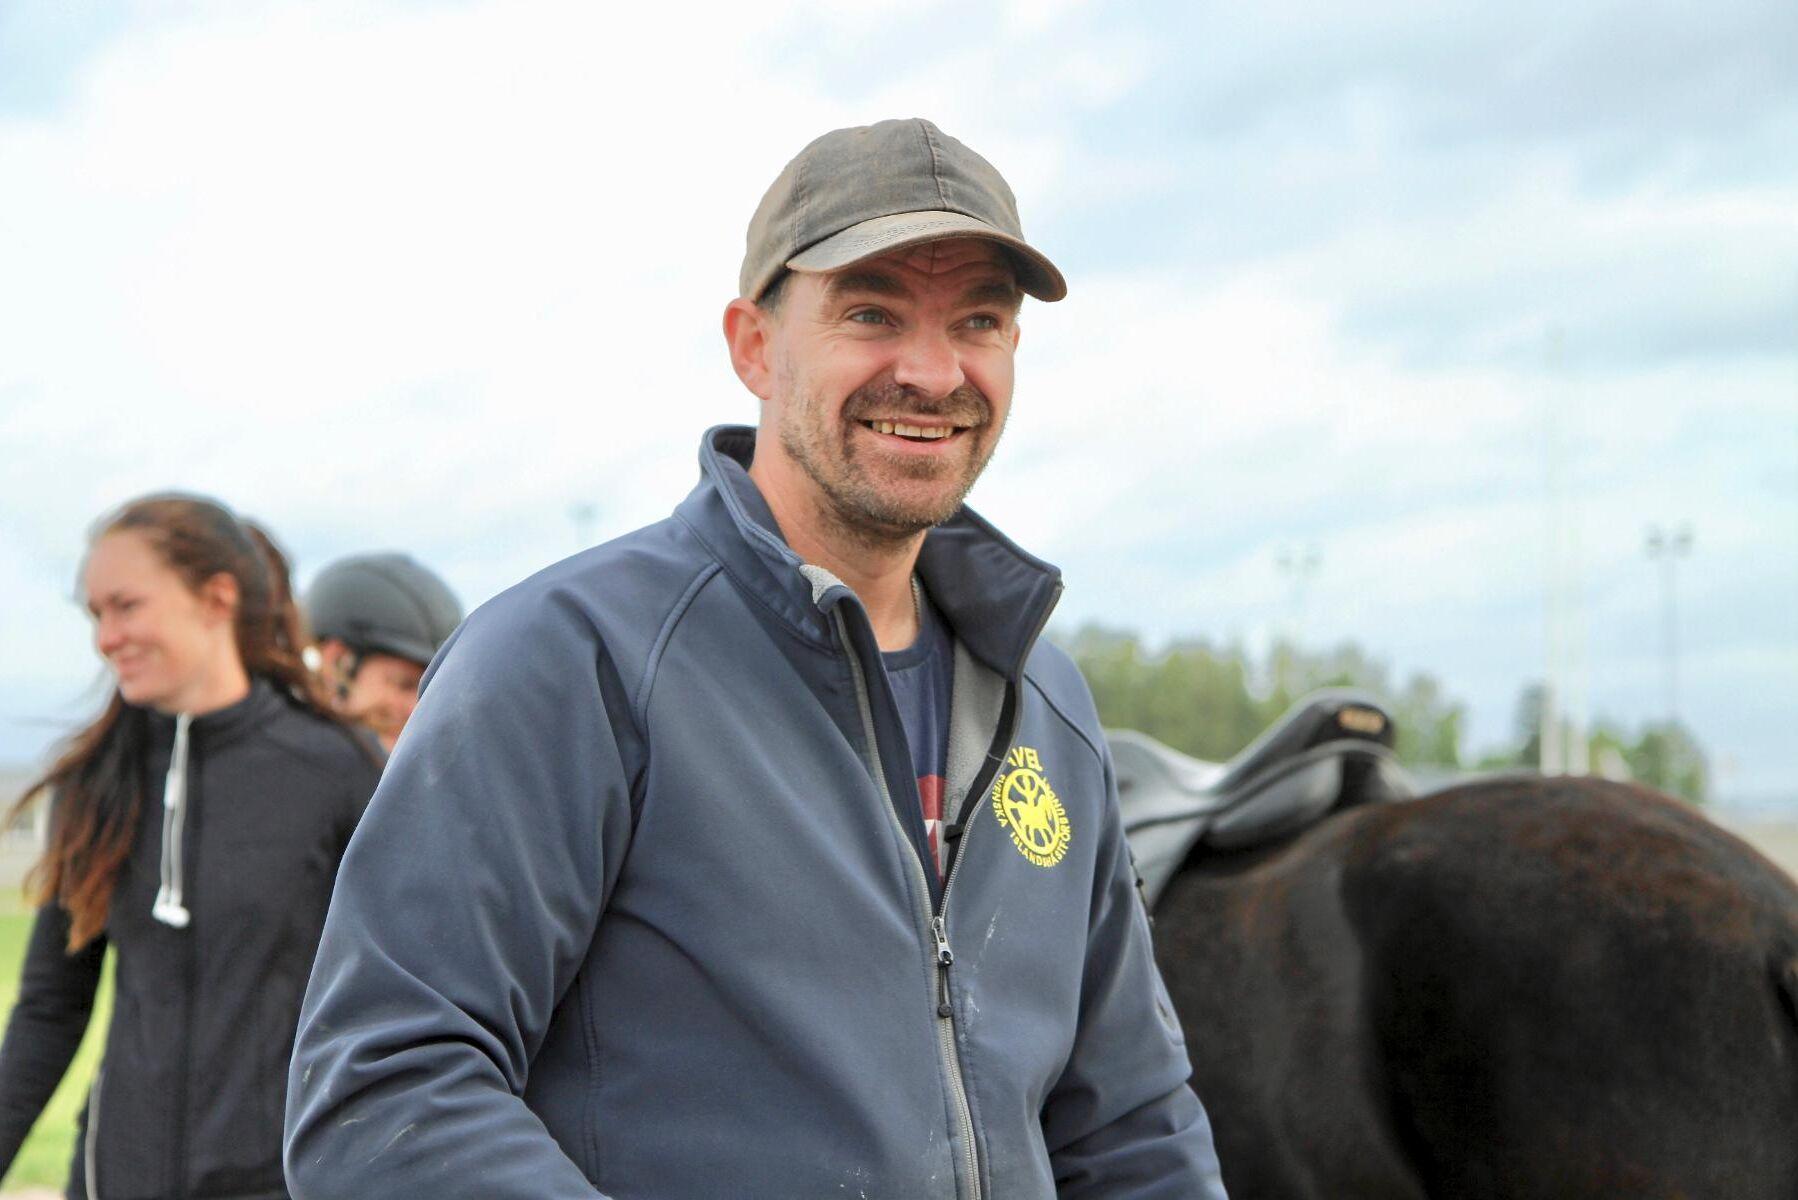 – Det ska se lätt ut när man rider, hästen ska ha lätt för att tölta och trava, öka och minska tempot. Att allt är så enkelt som möjligt är den stora trenden nu, säger Heimir Gunnarsson, avelsledare vid Svenska Islandshästförbundet.